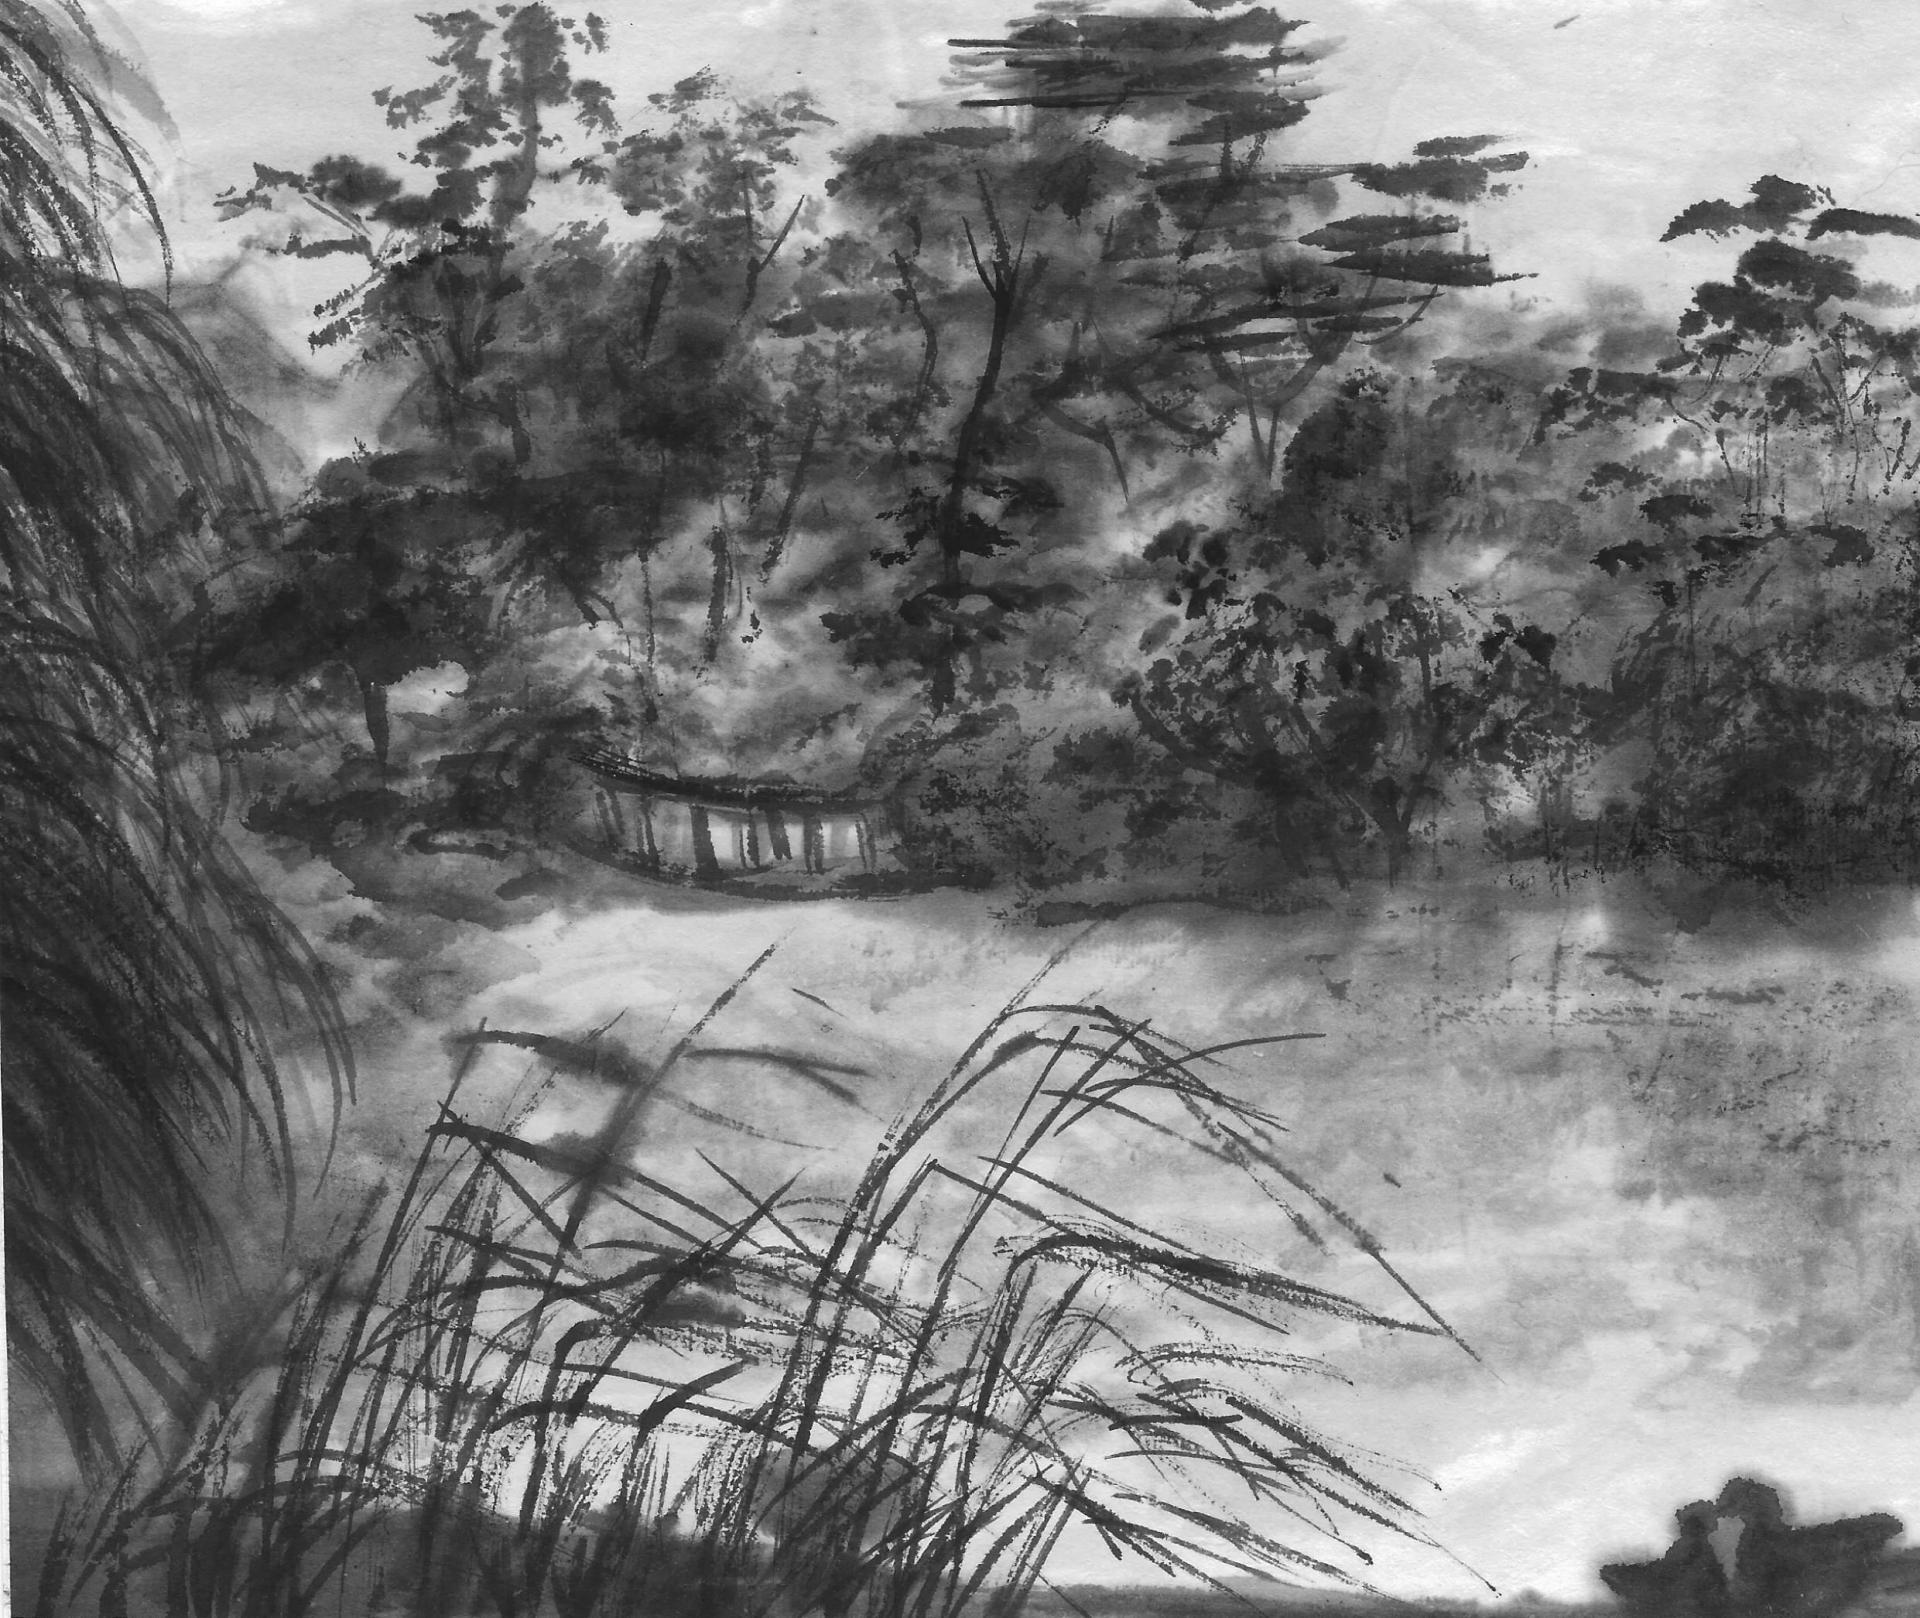 Paysage nocturne en monochrome les deux canards